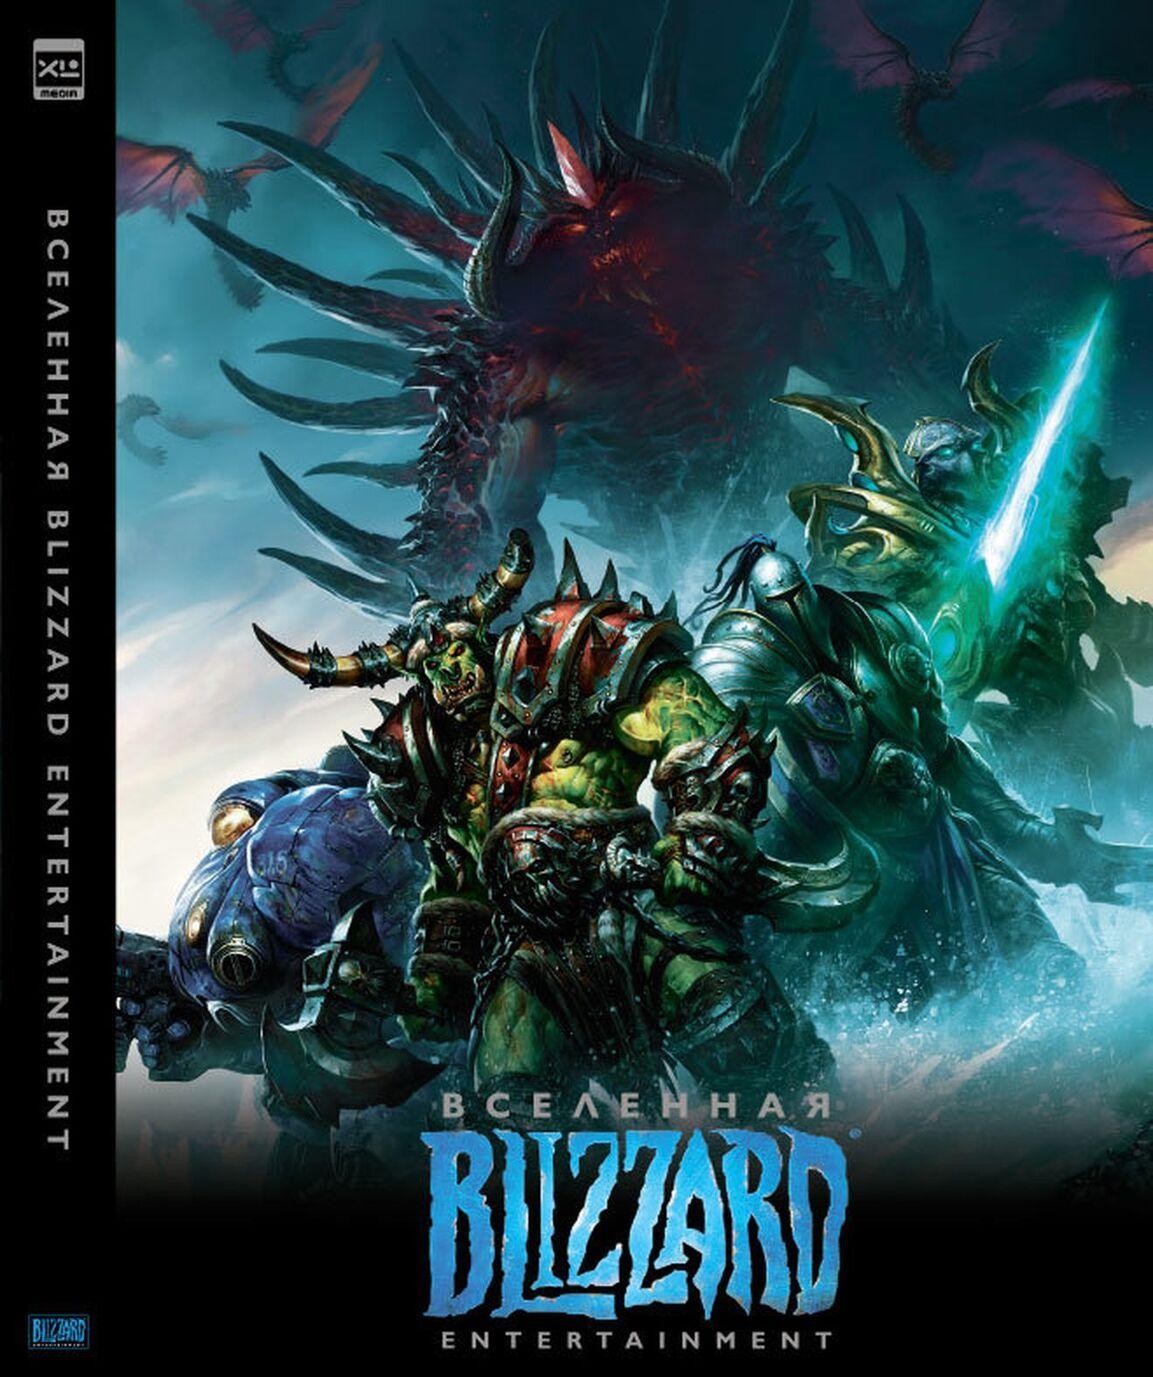 Vselennaja Blizzard Entertainment